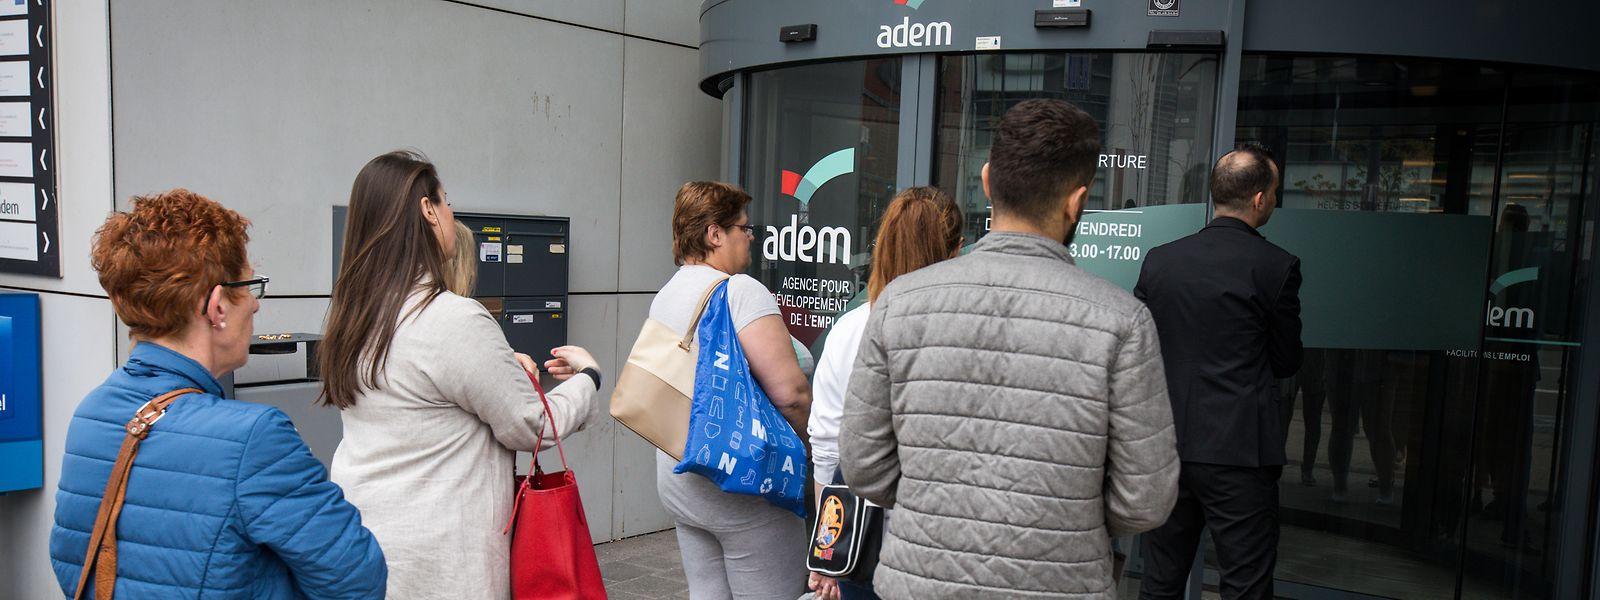 Plus de 16.000 personnes sont inscrites sur les listes de l'Adem pour janvier 2020.